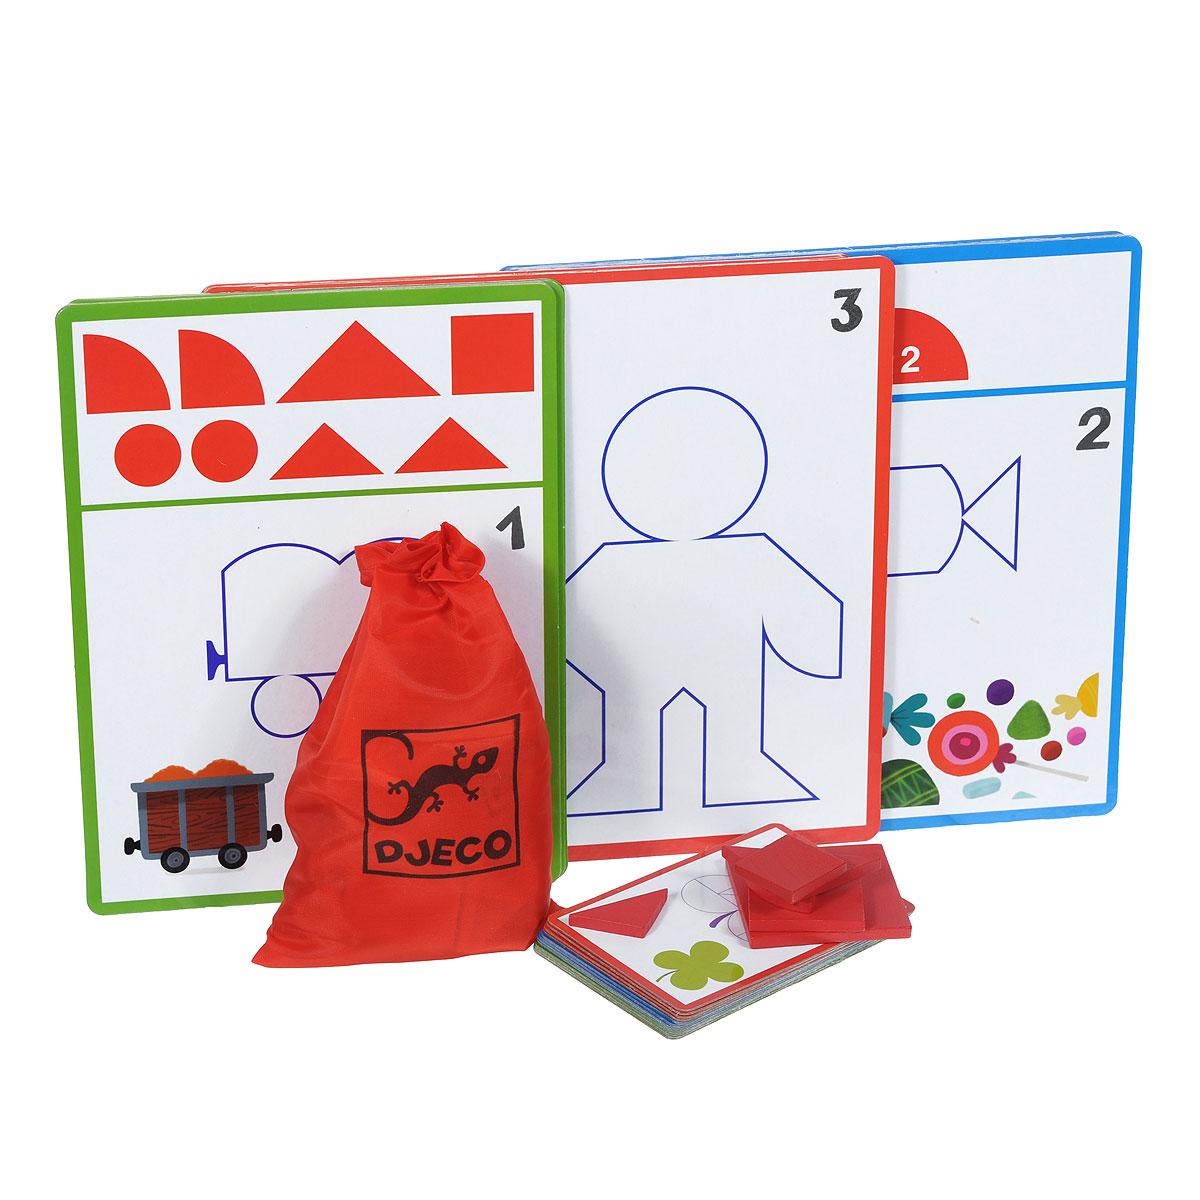 Обучающая игра Djeco Фигуры08300Обучающая игра Djeco Фигуры с нарастающим уровнем сложности познакомит вашего ребенка с различными геометрическими фигурами и наглядно объяснит ему, как из одних геометрических форм можно получить другие и как комбинировать их друг с другом. Цель игры - составить из отдельных элементов силуэтную форму, изображенную на карточке. В комплект игры входят: 24 картонные двусторонние карточки трех размеров, 36 деревянных элементов красного цвета и текстильный мешочек для их хранения, затягивающийся сверху на кулиску. На обратной стороне коробки предусмотрены правила игры на русском языке. Рекомендуемый возраст: от 3 до 6 лет.